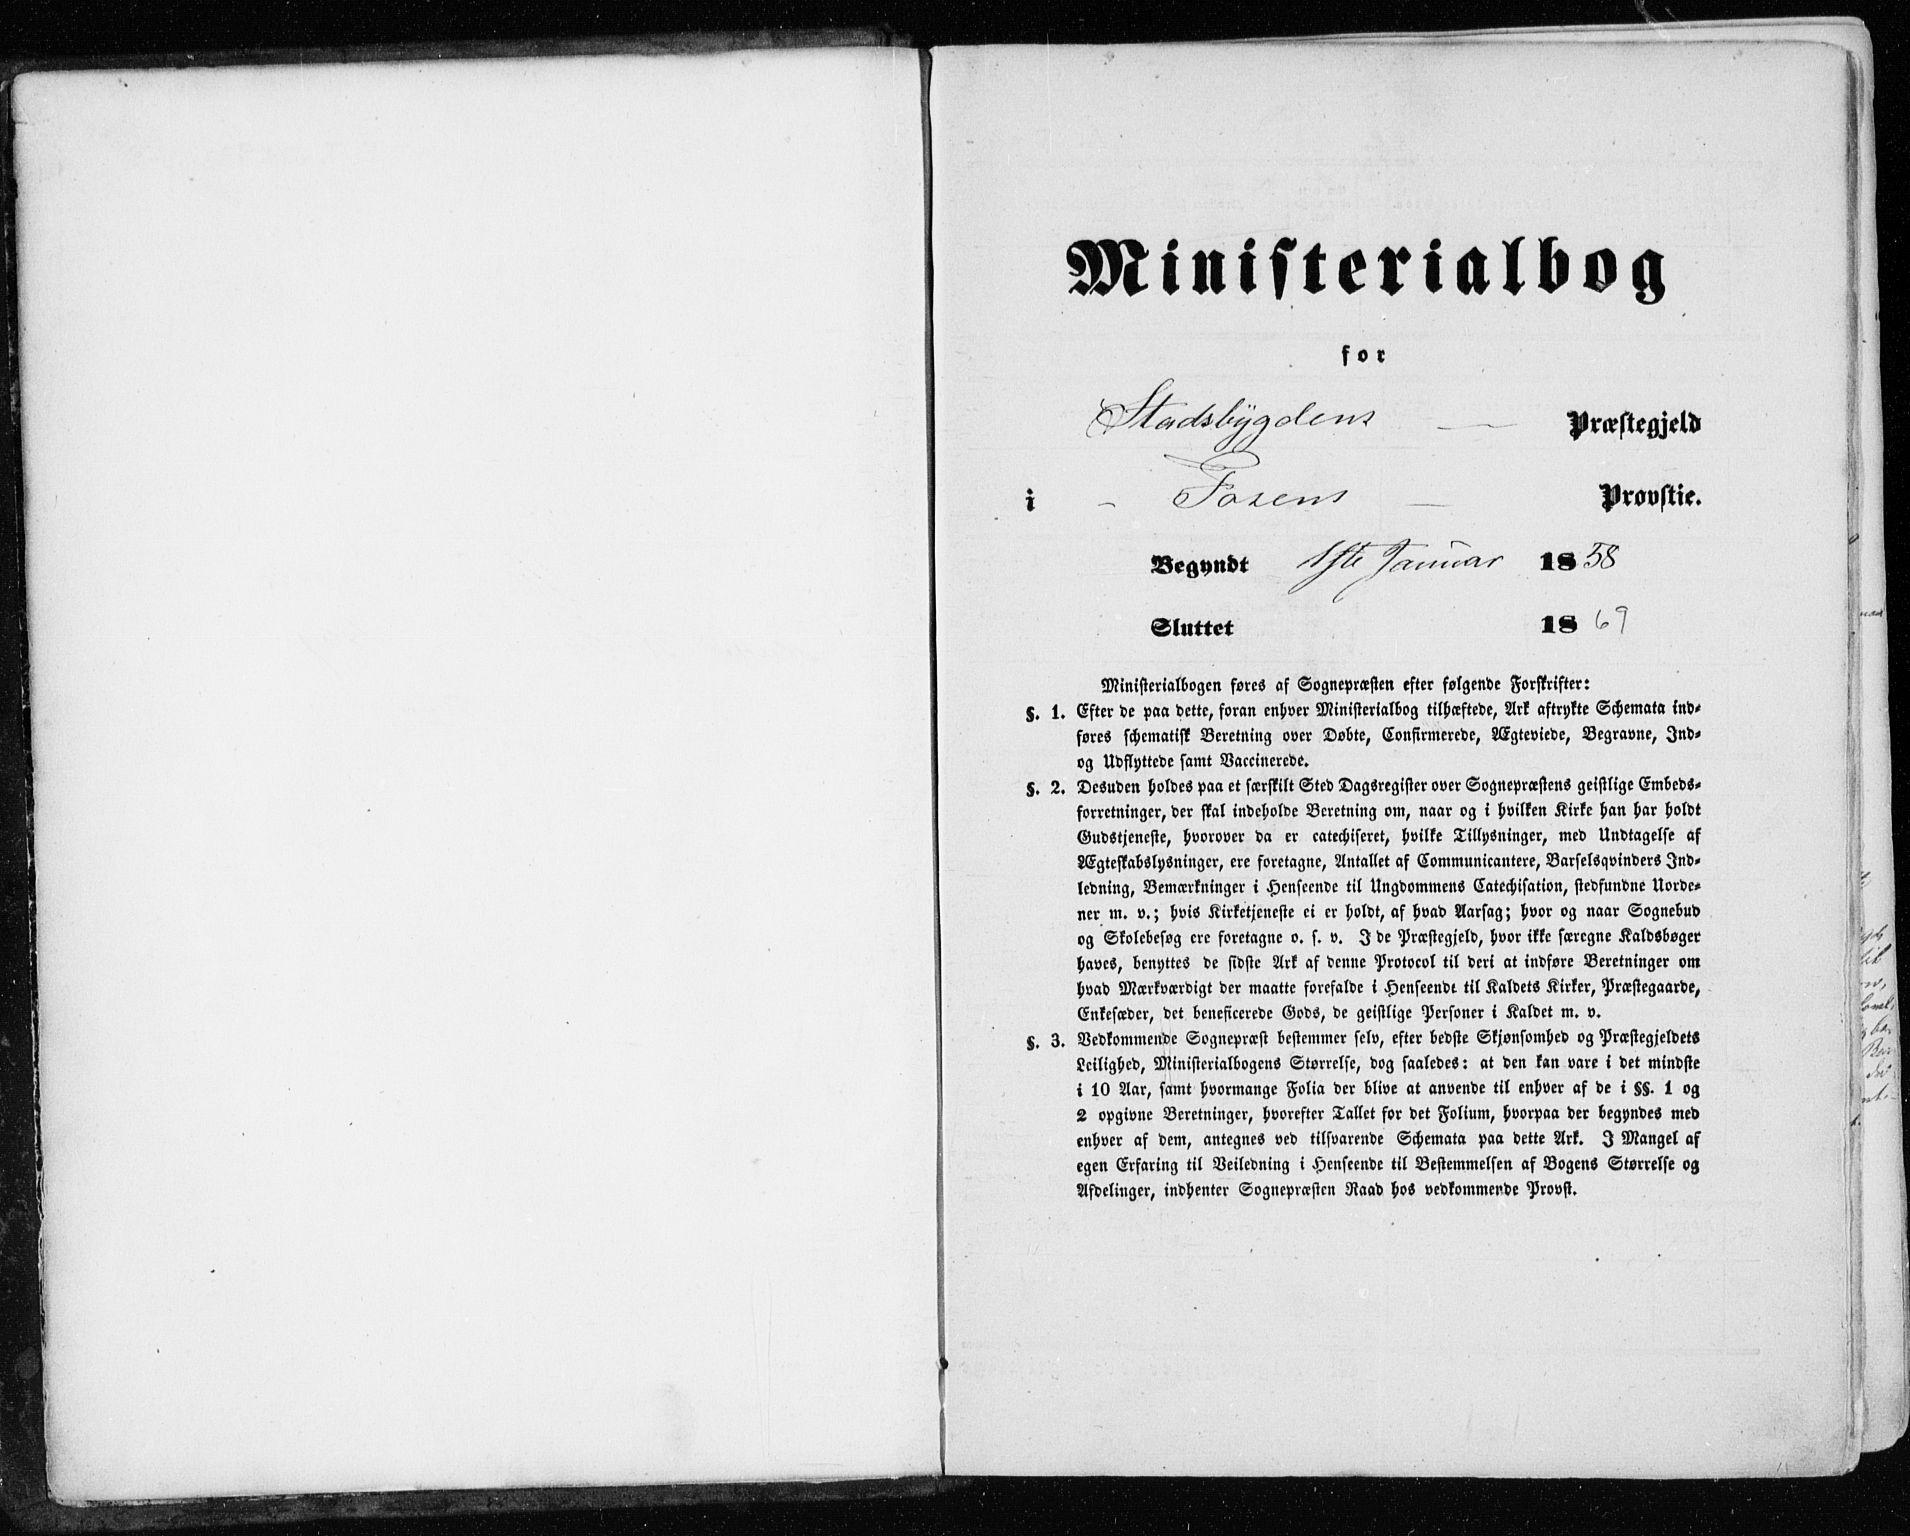 SAT, Ministerialprotokoller, klokkerbøker og fødselsregistre - Sør-Trøndelag, 646/L0612: Ministerialbok nr. 646A10, 1858-1869